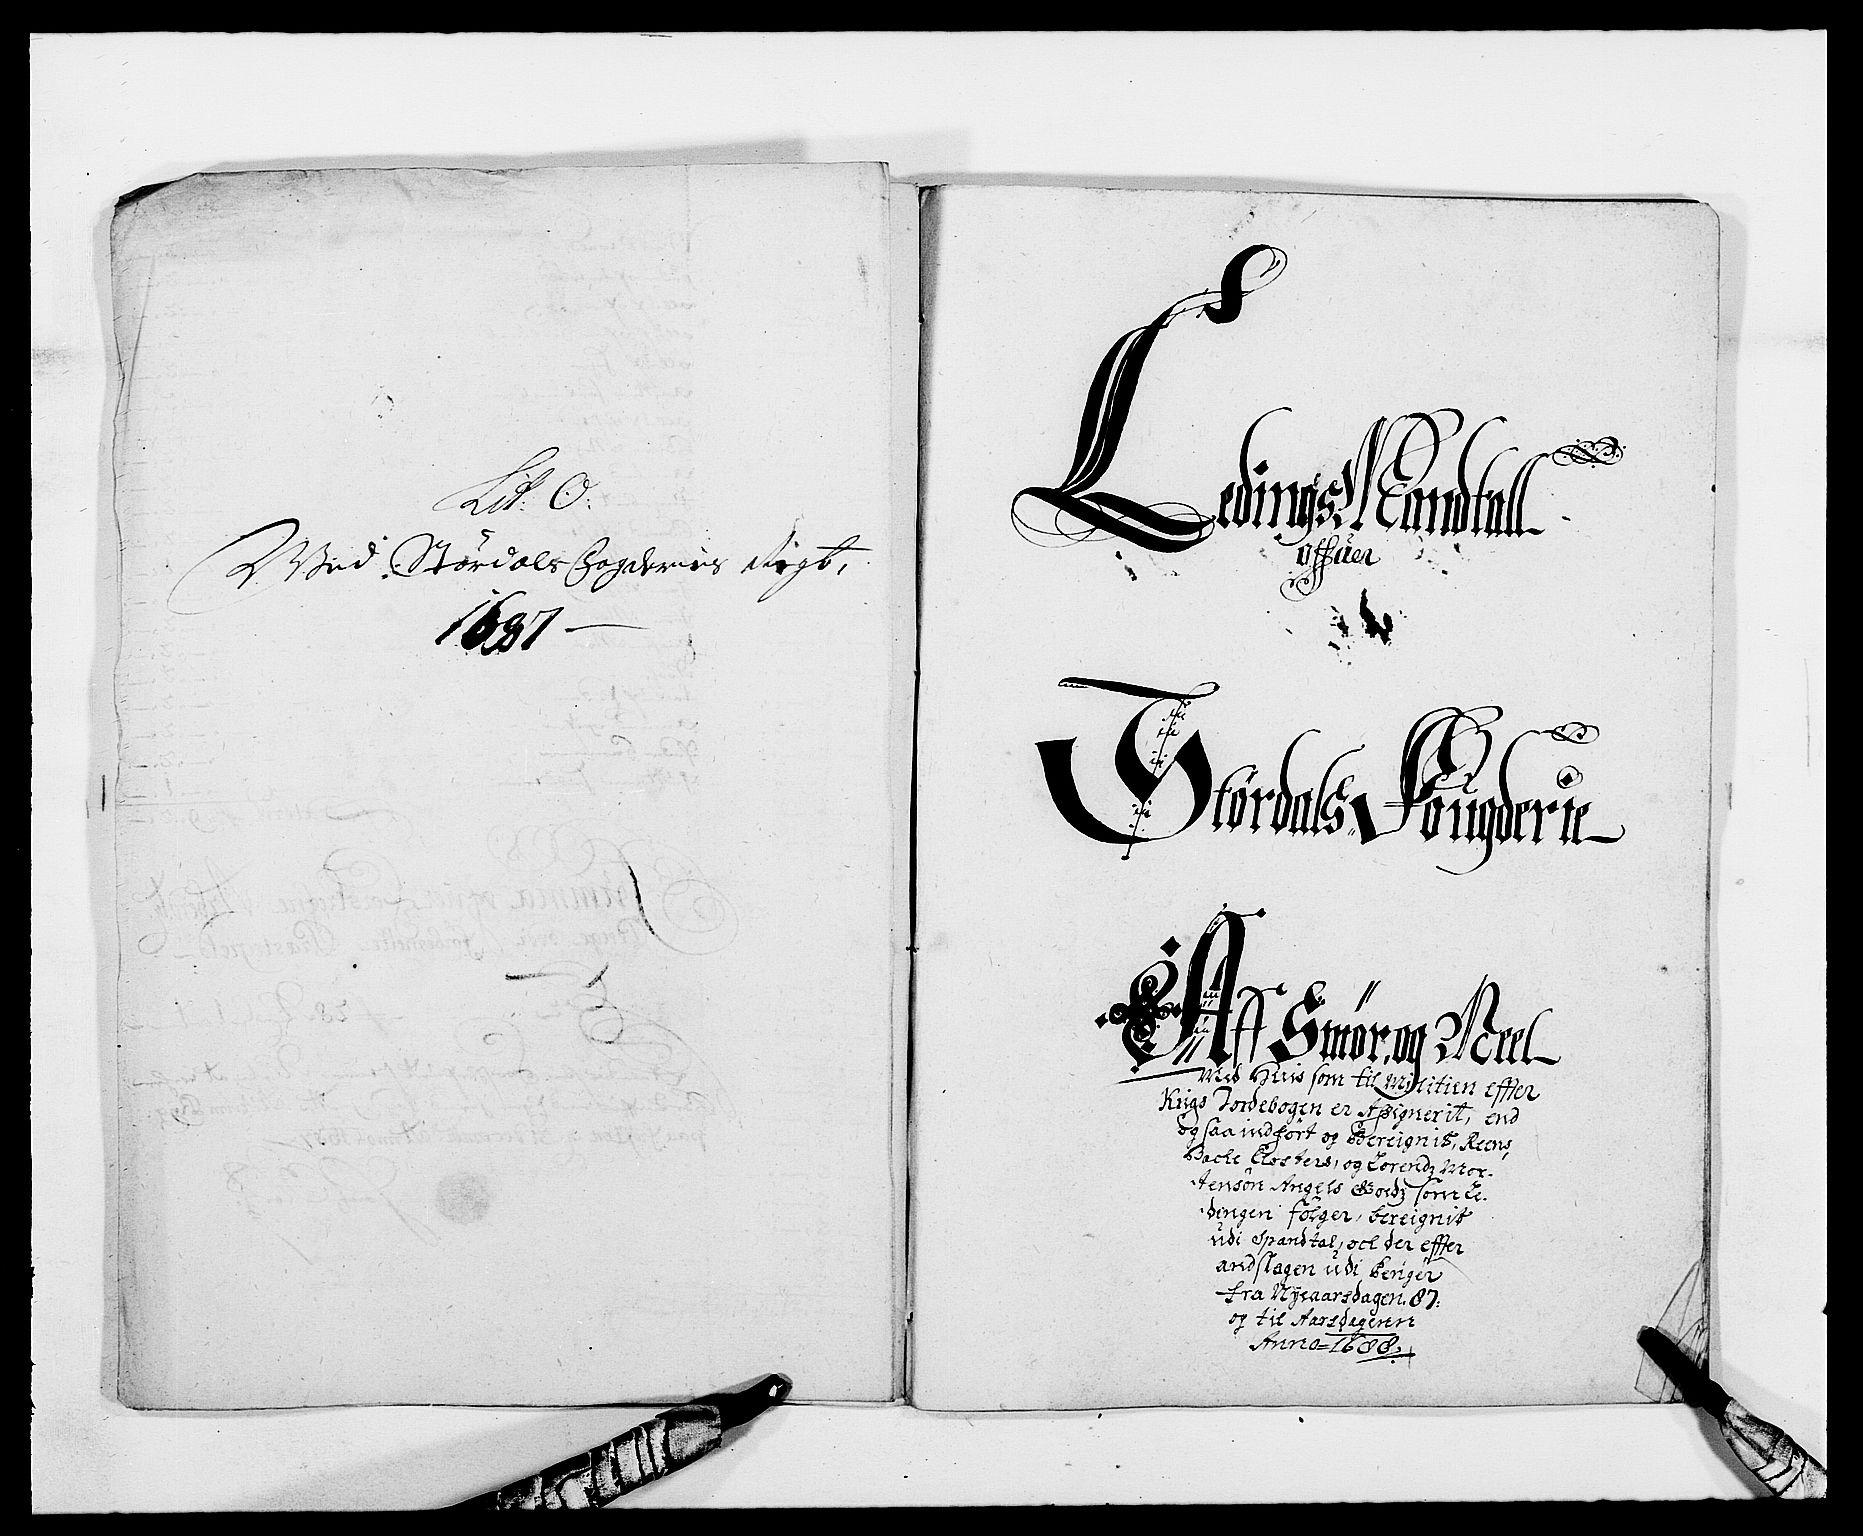 RA, Rentekammeret inntil 1814, Reviderte regnskaper, Fogderegnskap, R62/L4183: Fogderegnskap Stjørdal og Verdal, 1687-1689, s. 100